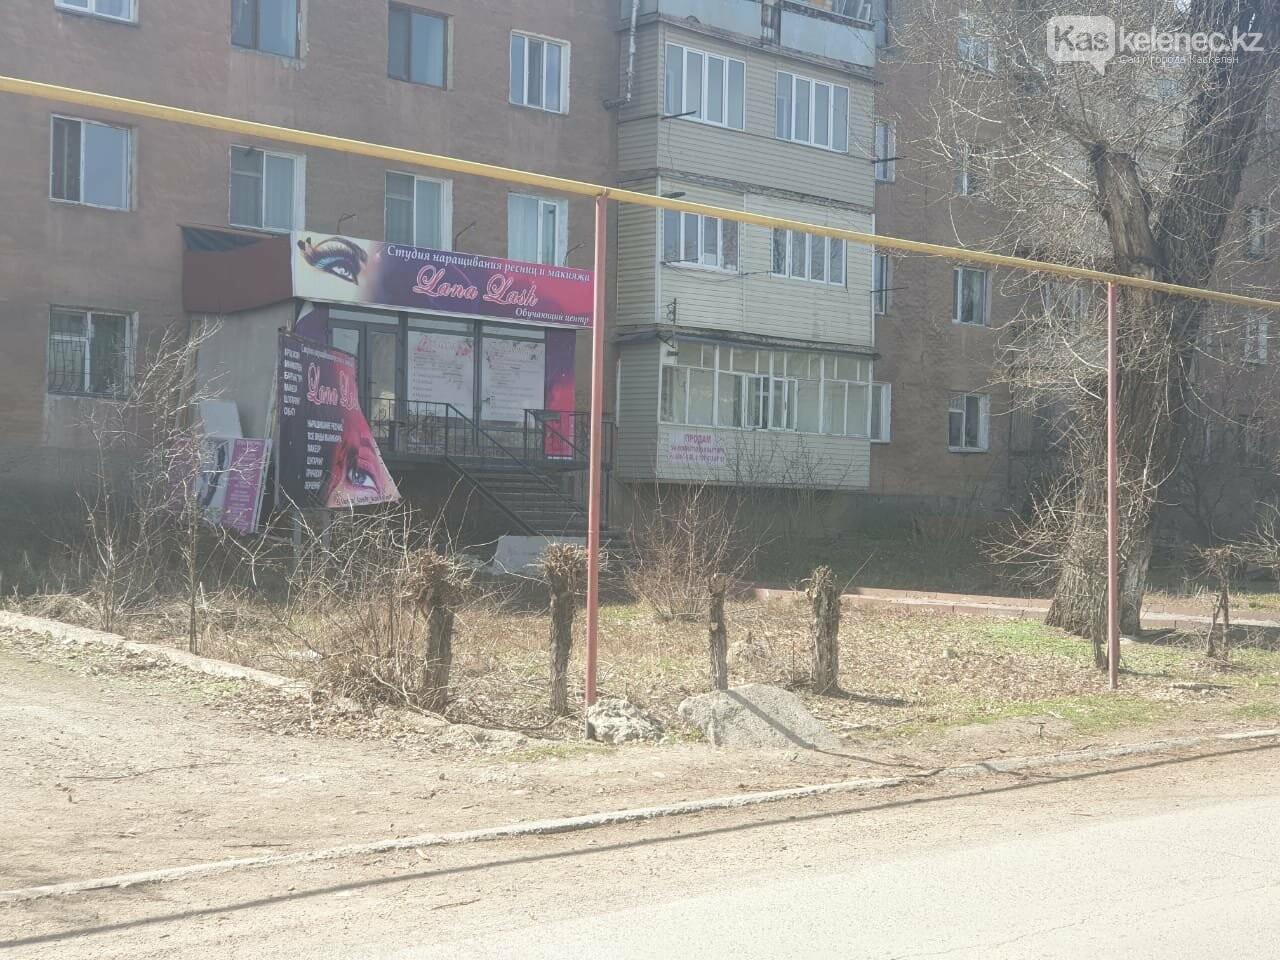 Незеленый Каскелен: почему в городе пилят деревья, фото-13